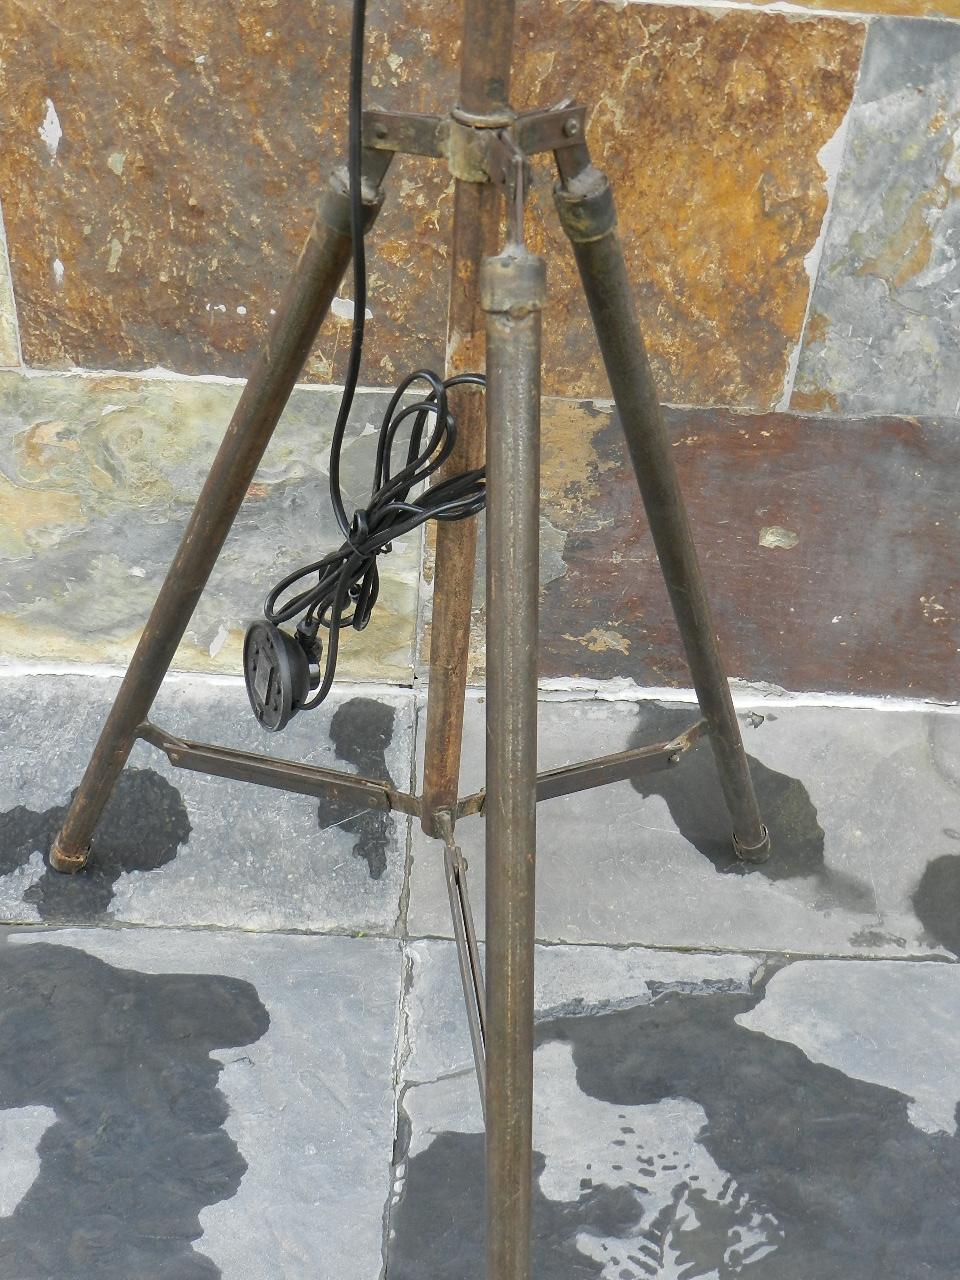 Imagen LAMPARA + TRIPODE HECHO CON BIDON DE GASOLINA 34939